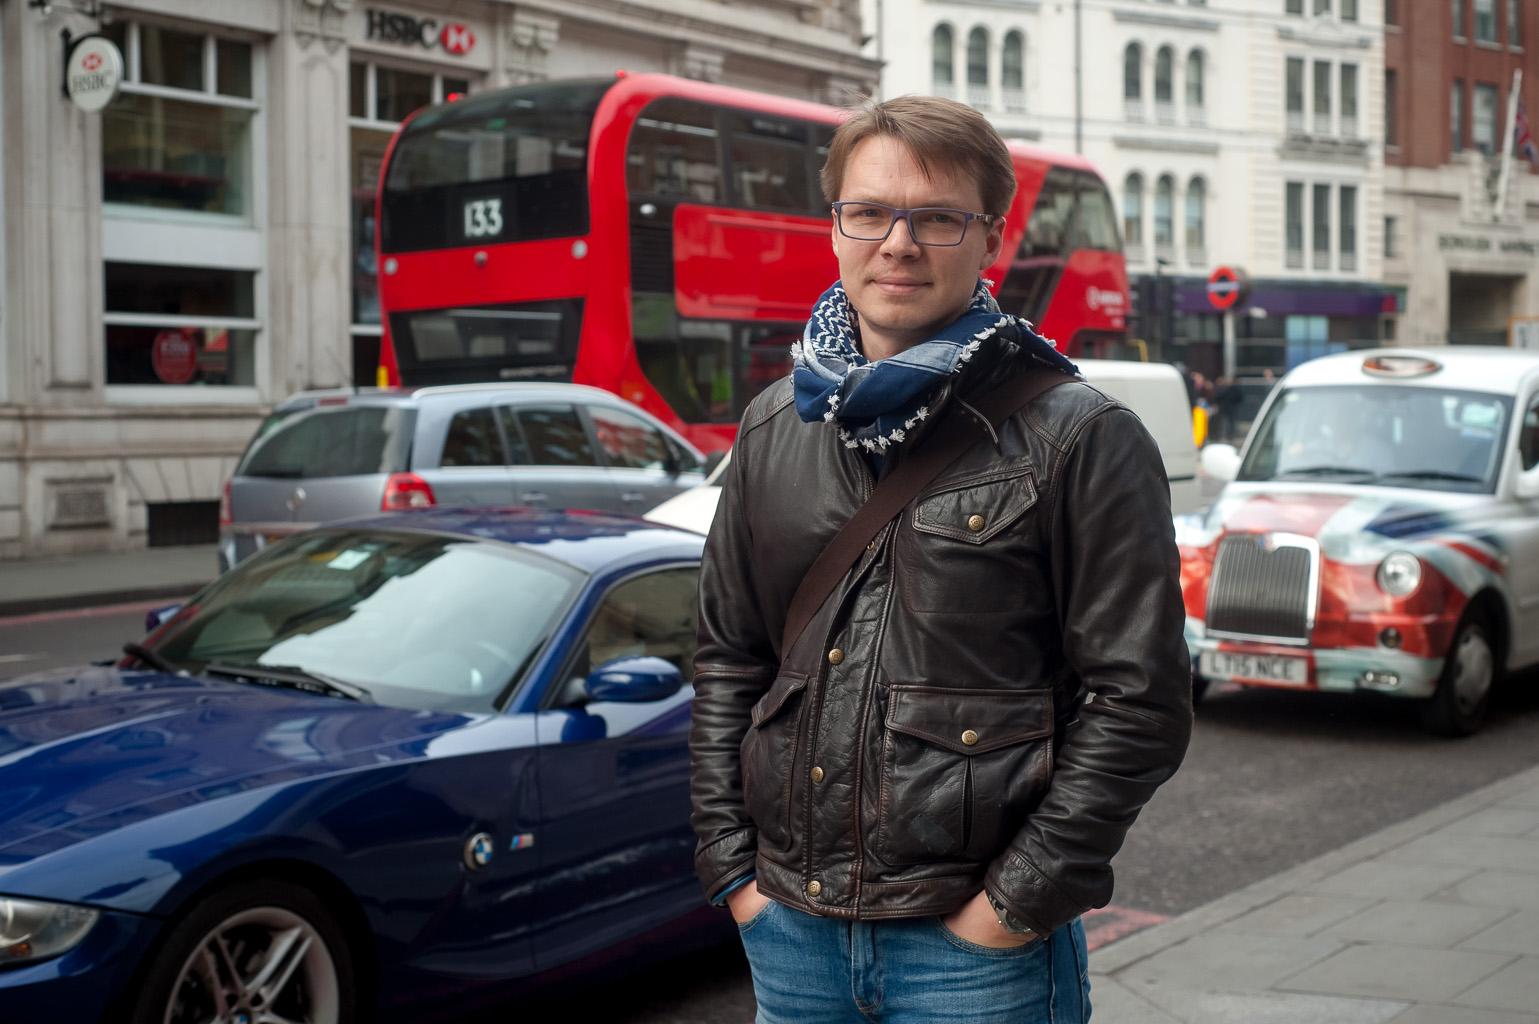 Сергей Пономарев в Лондоне. Фото Катерины Никитиной